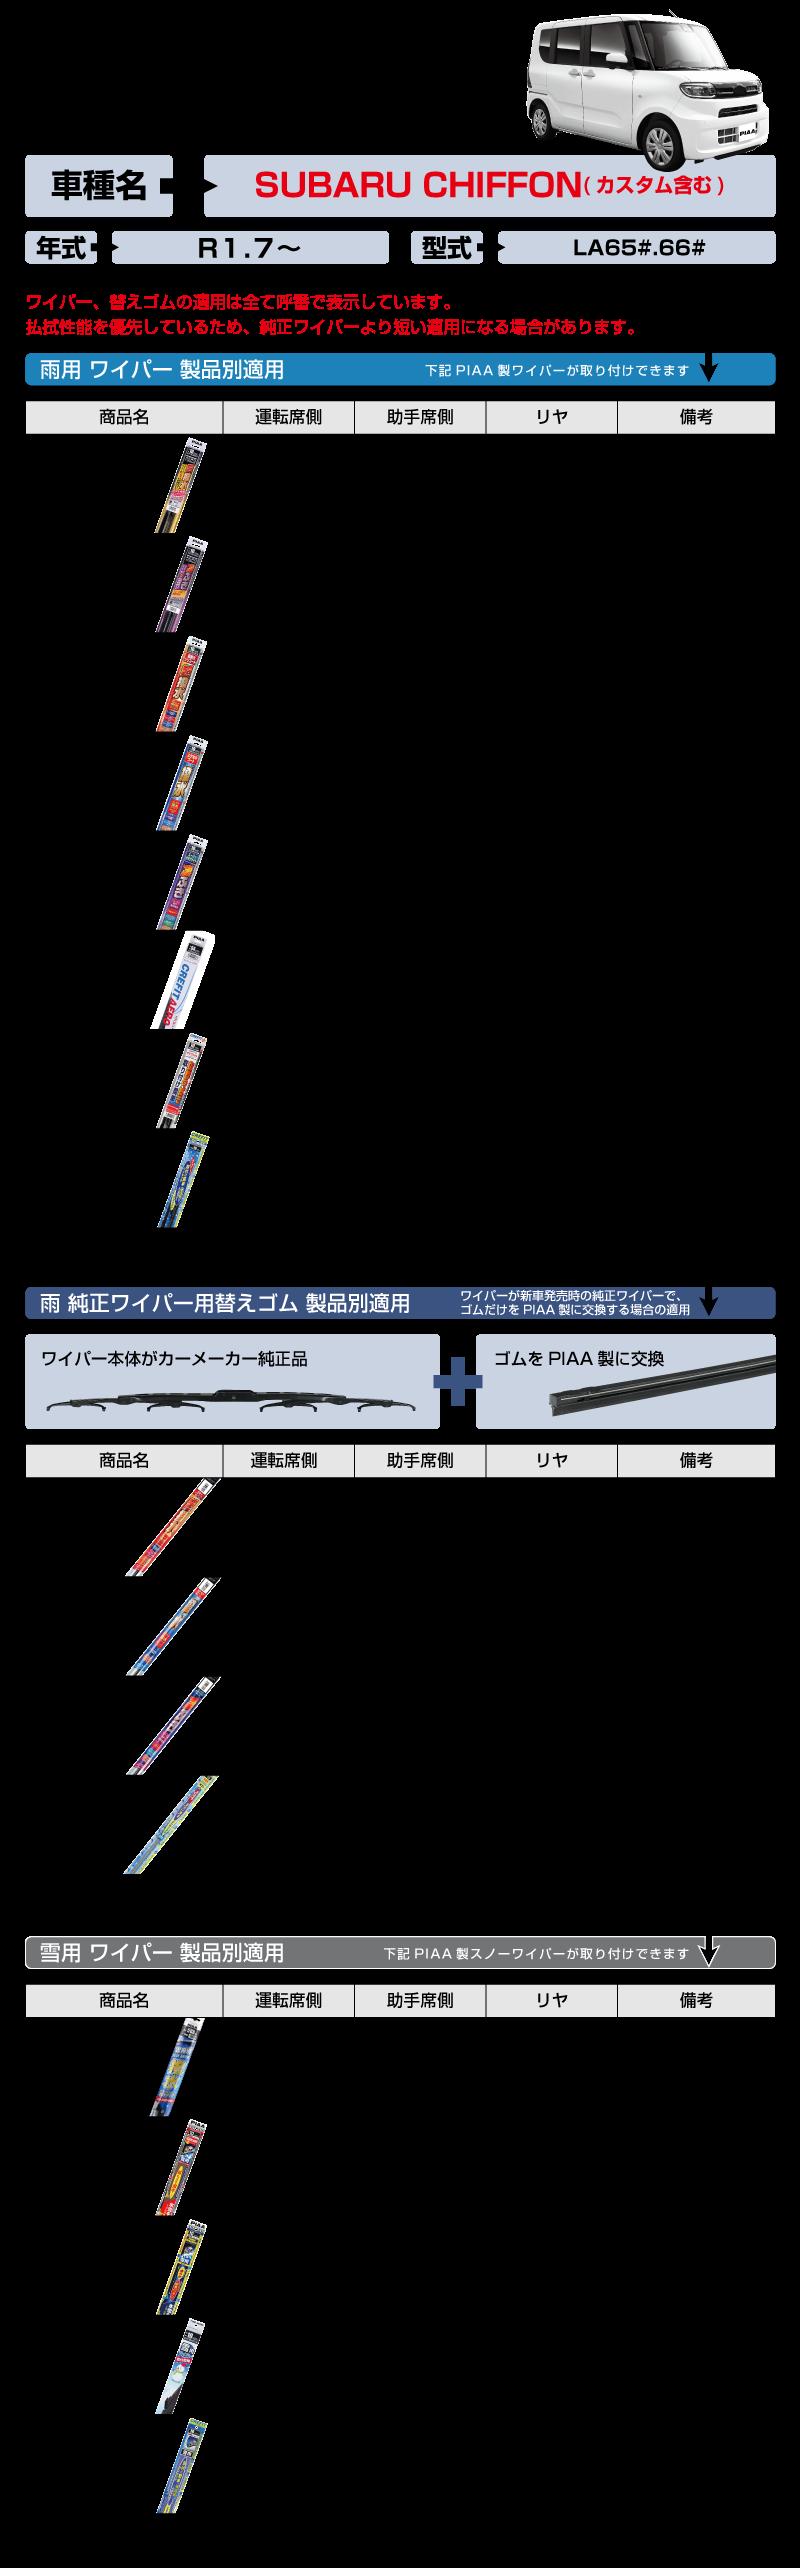 TEKIYOU_SUBARU_CHIFFON_R1.7